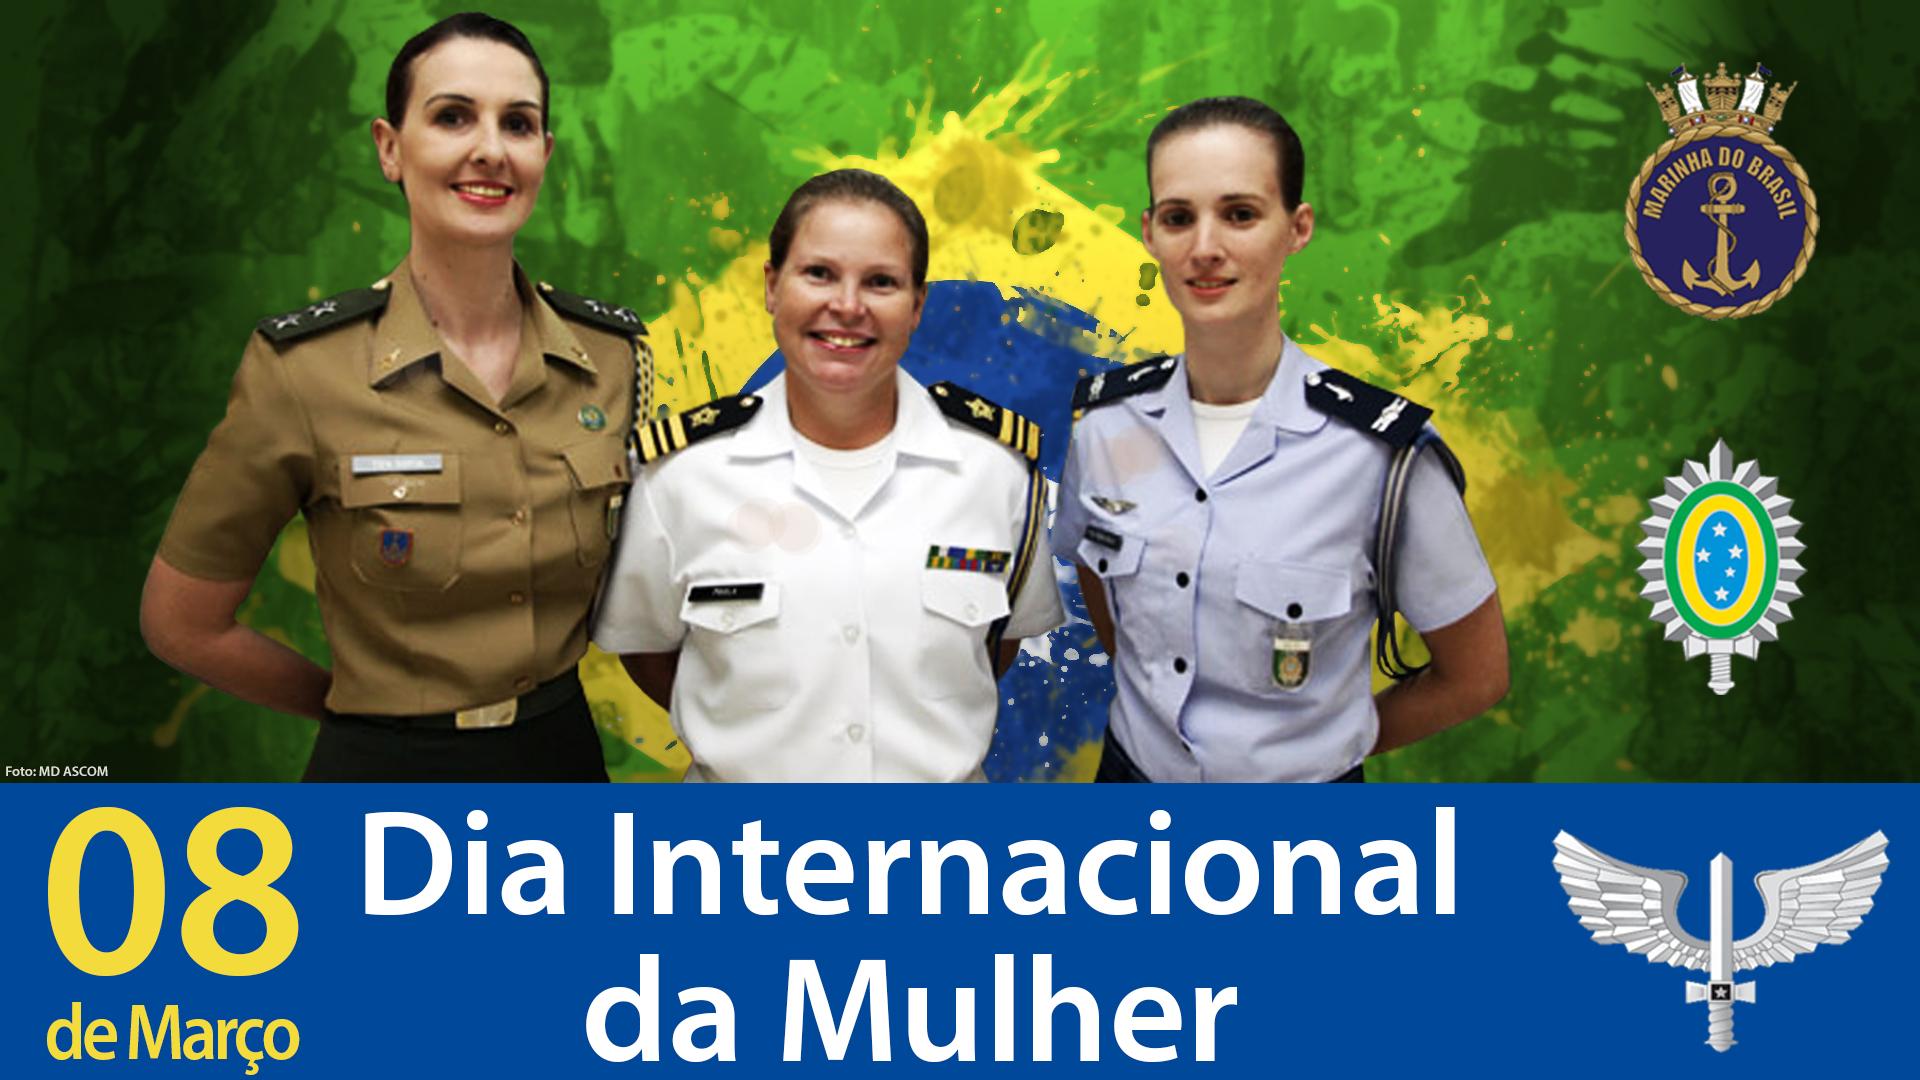 Homenagem da Editora Itta e Folha Militar a todas as Mulheres nesse dia especial